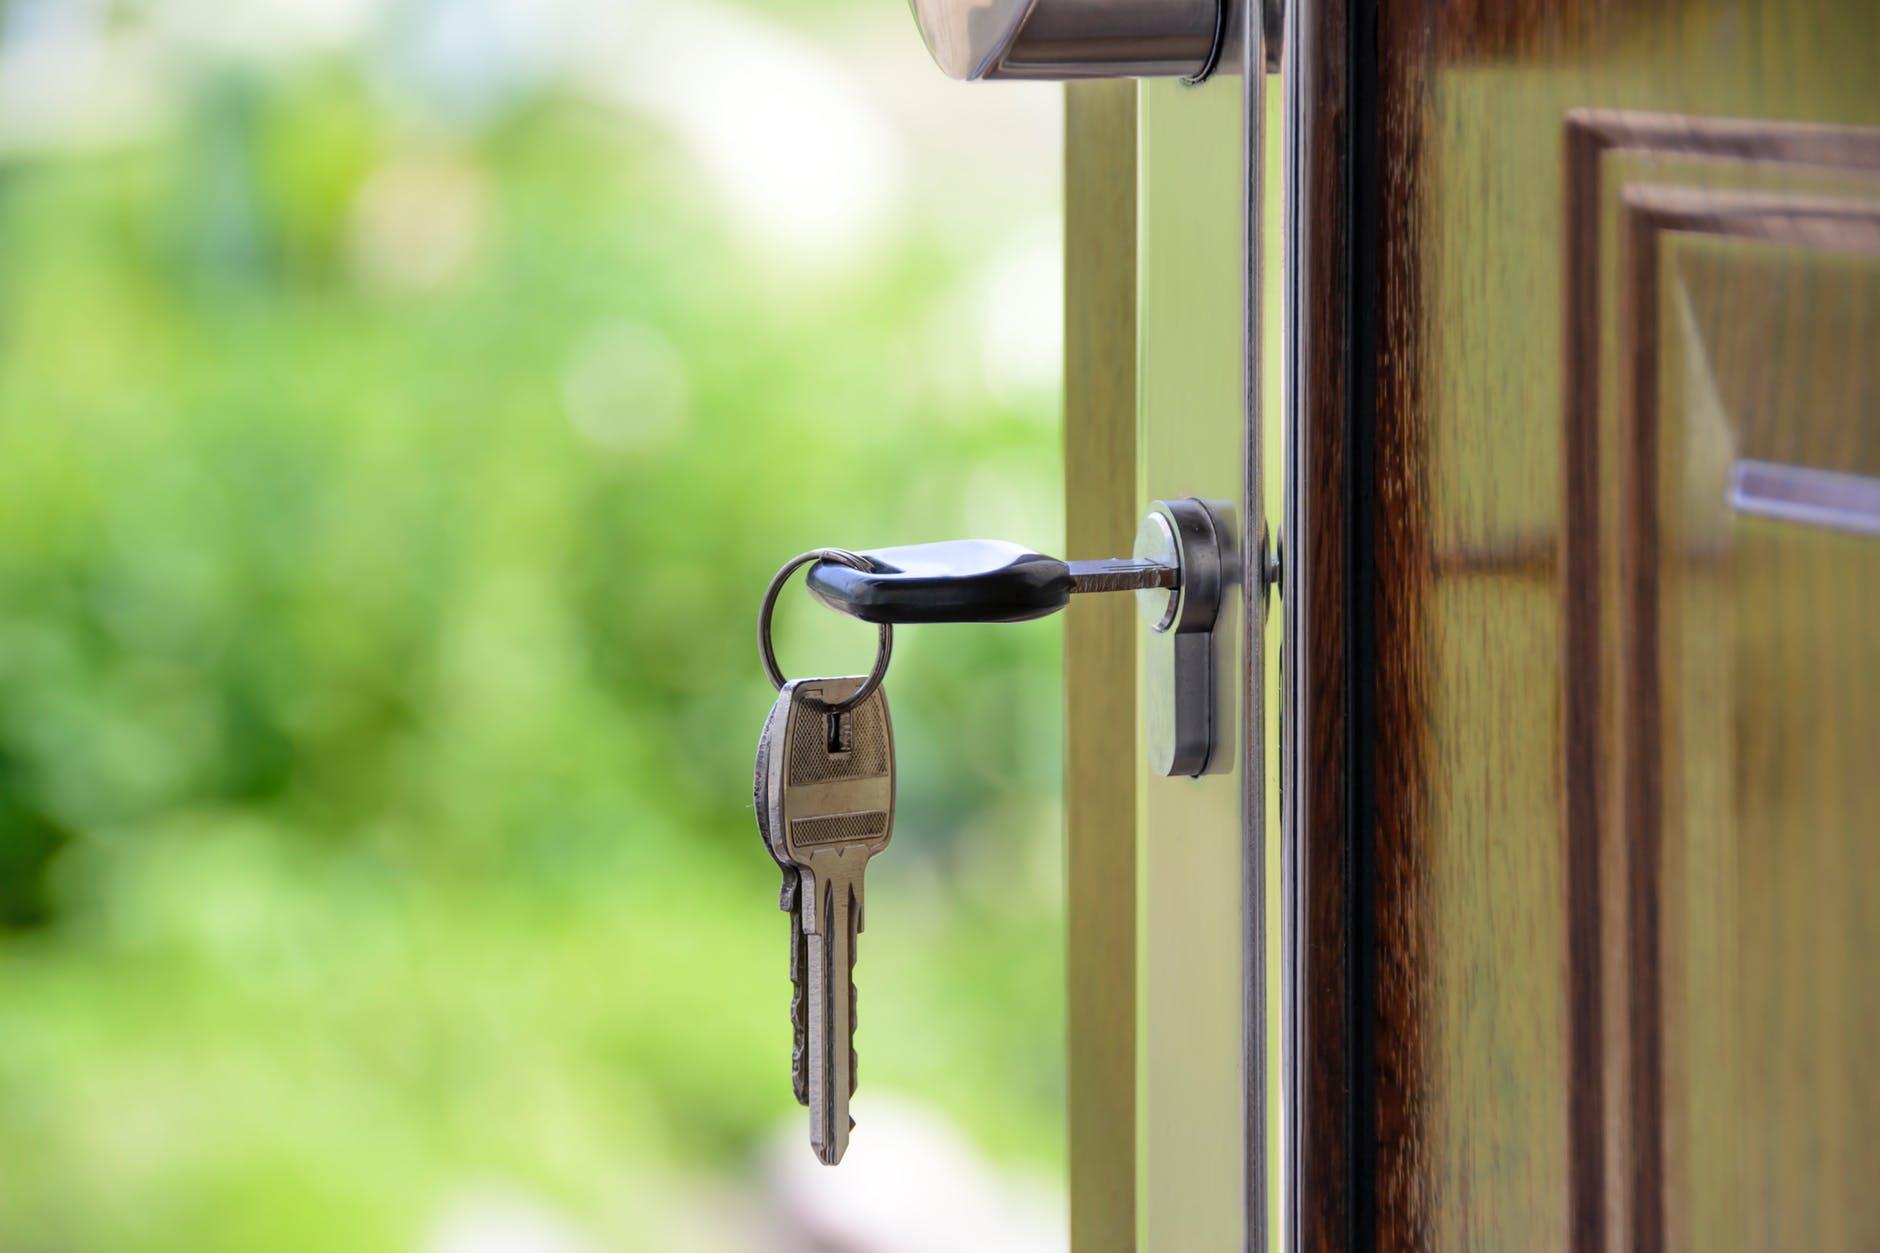 ¿Cuánto tiempo se tarda en aprobar un crédito hipotecario?